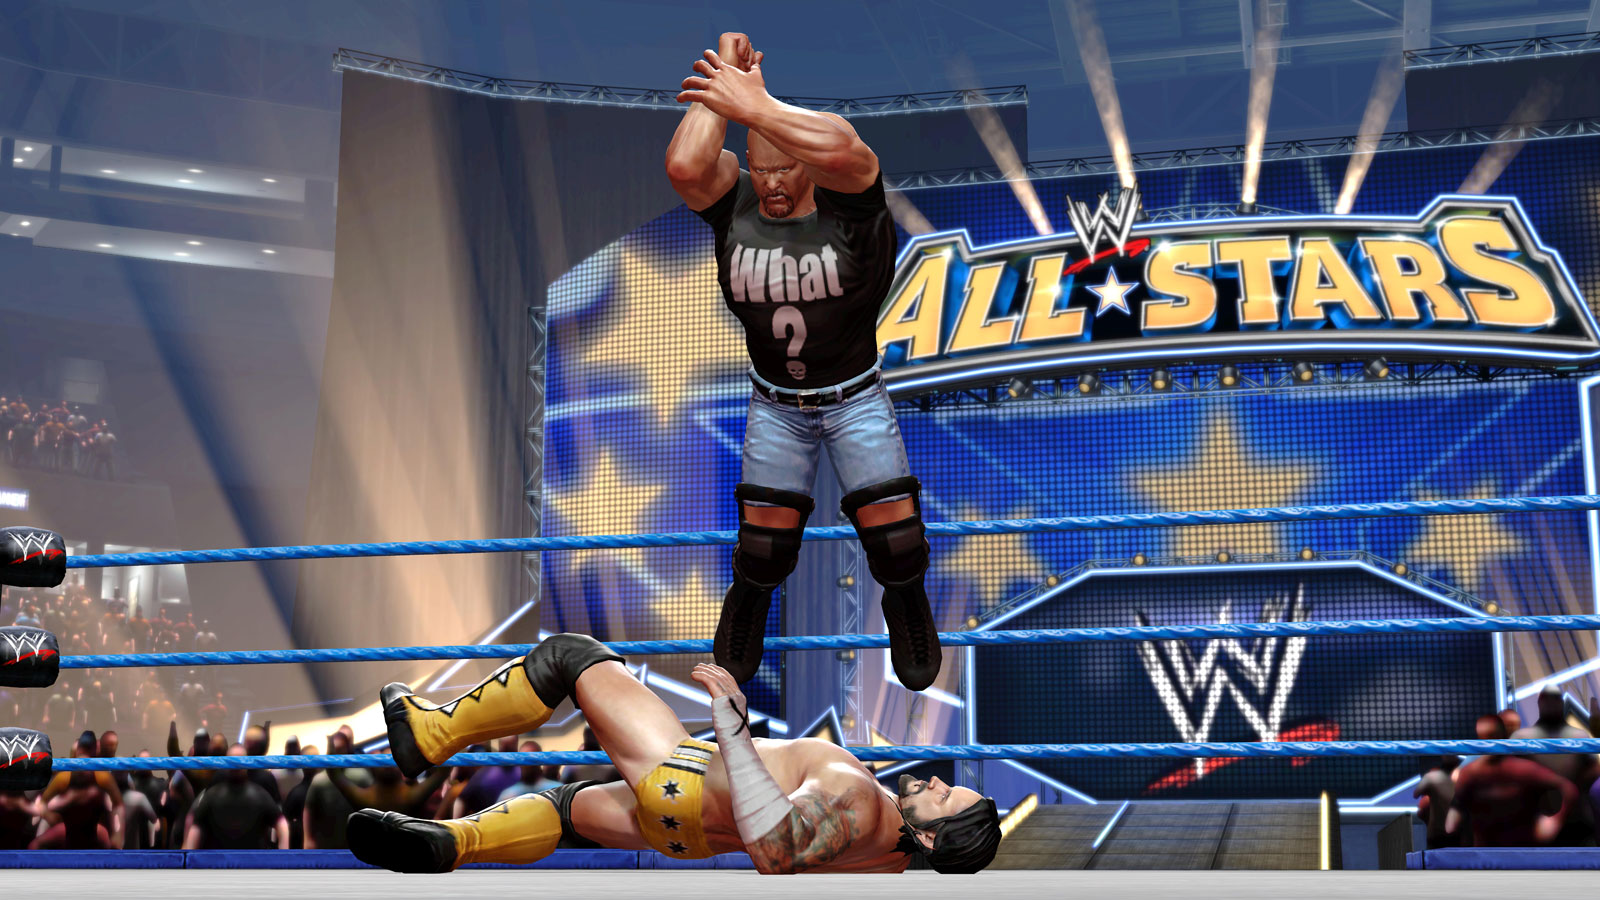 http://1.bp.blogspot.com/-U1uKIPsVUp0/UGlbDp_4RkI/AAAAAAAAAS8/Njjb2txXpLY/s1600/wwe-all-stars-wrestling-screenshot.jpg